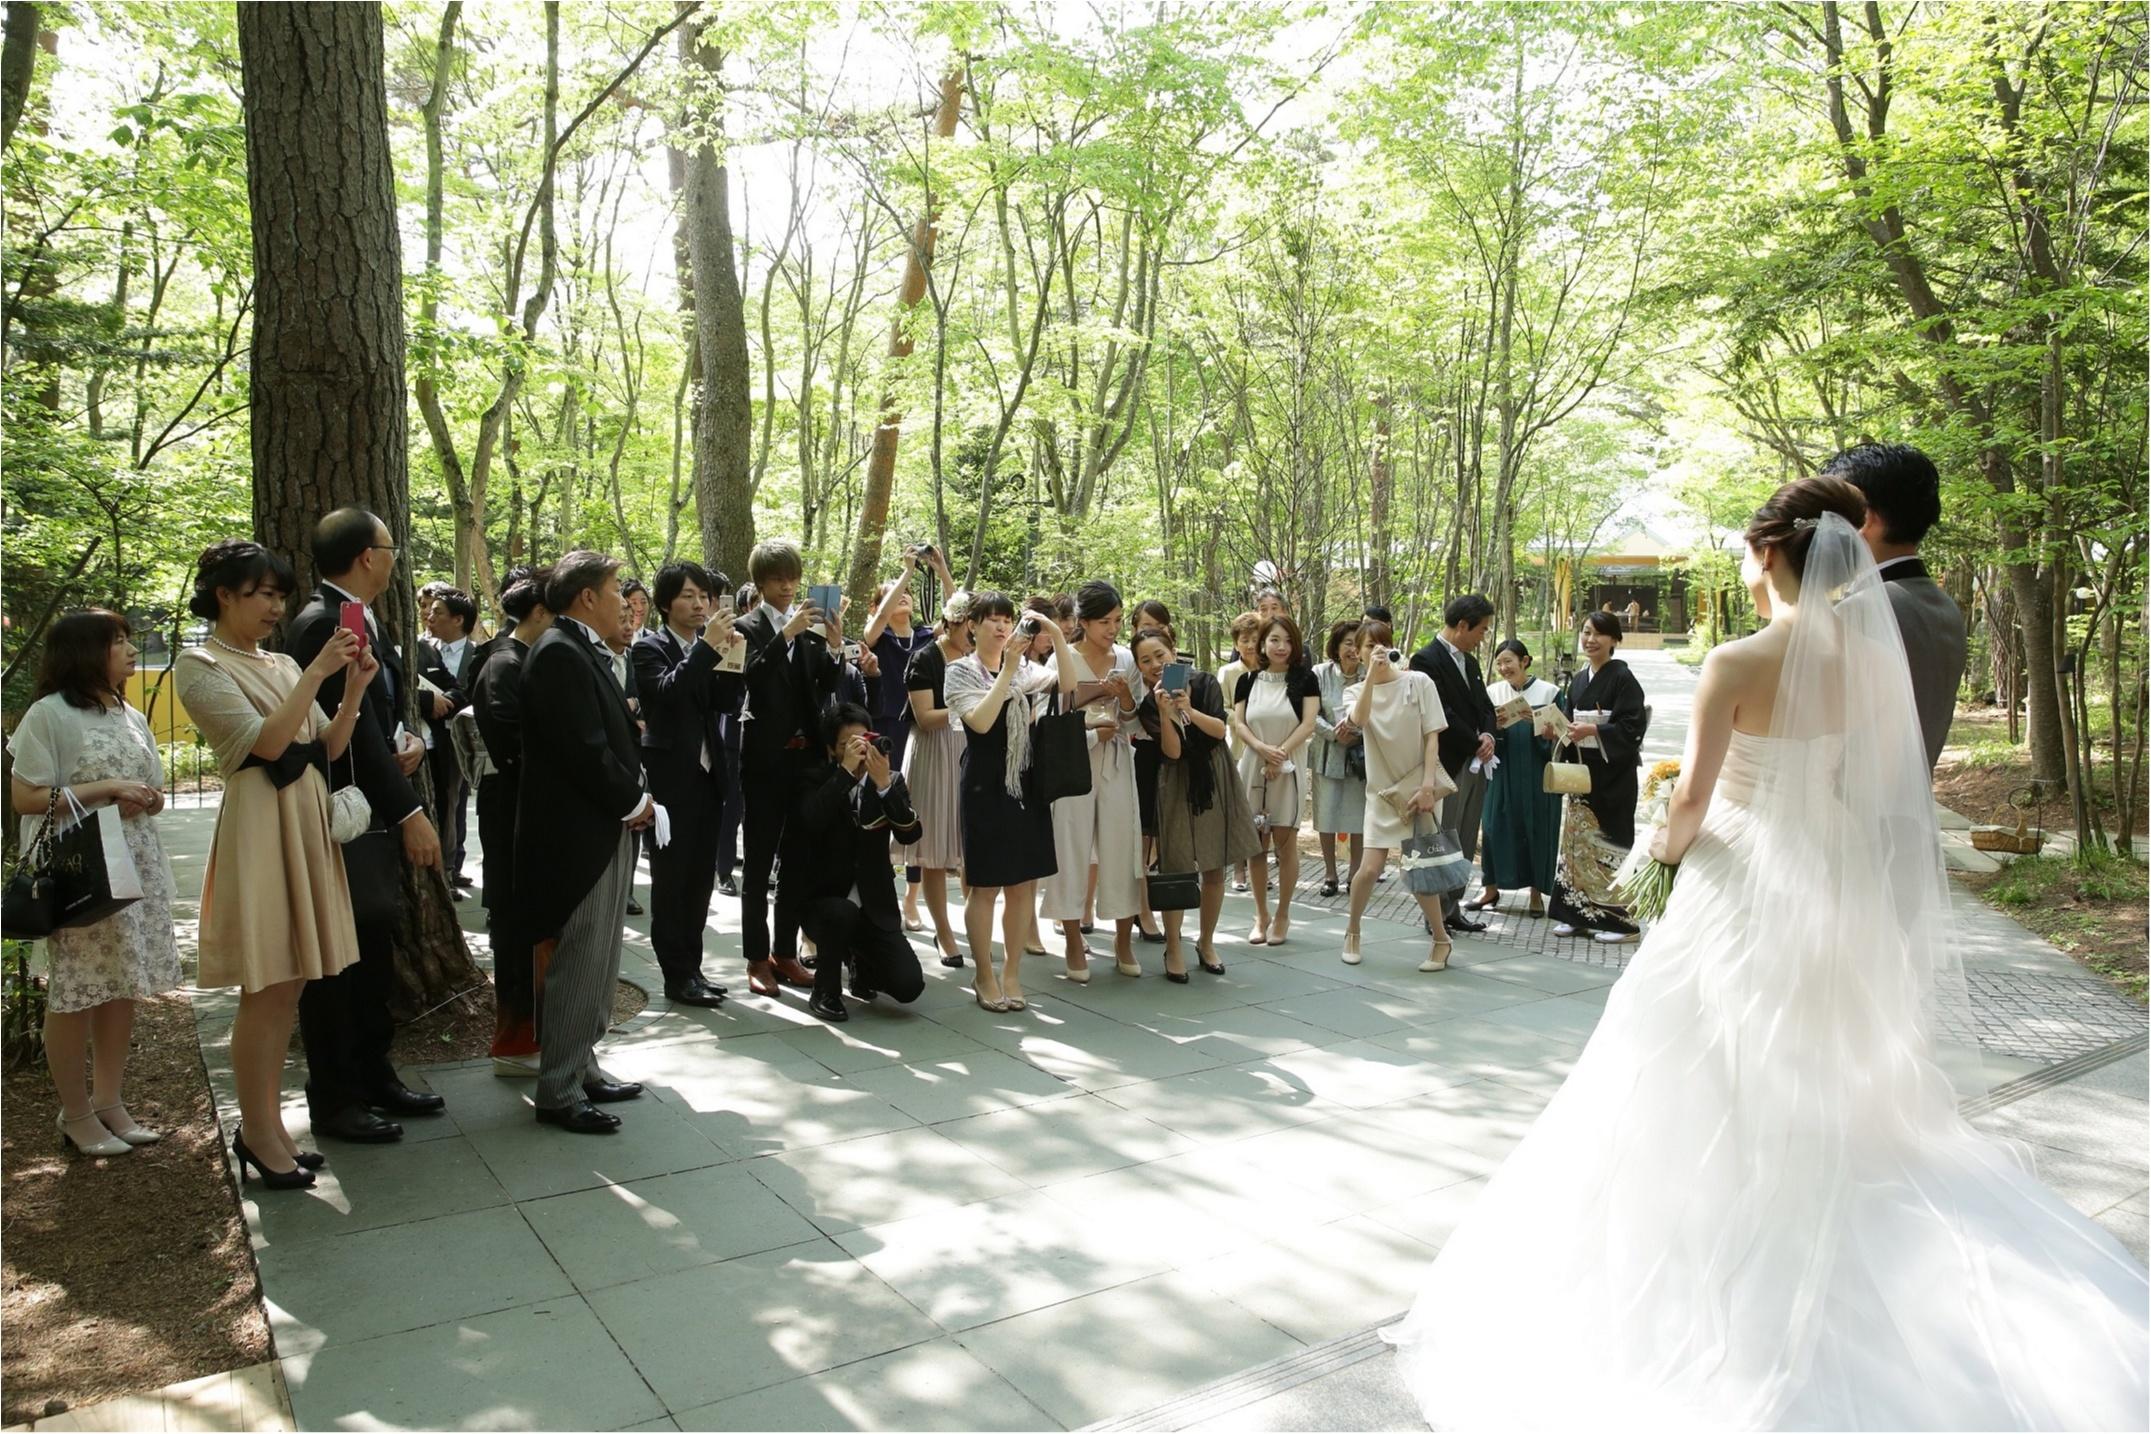 まるでCG!?なガーデンパーティ(軽井沢Weddingレポ③)_1